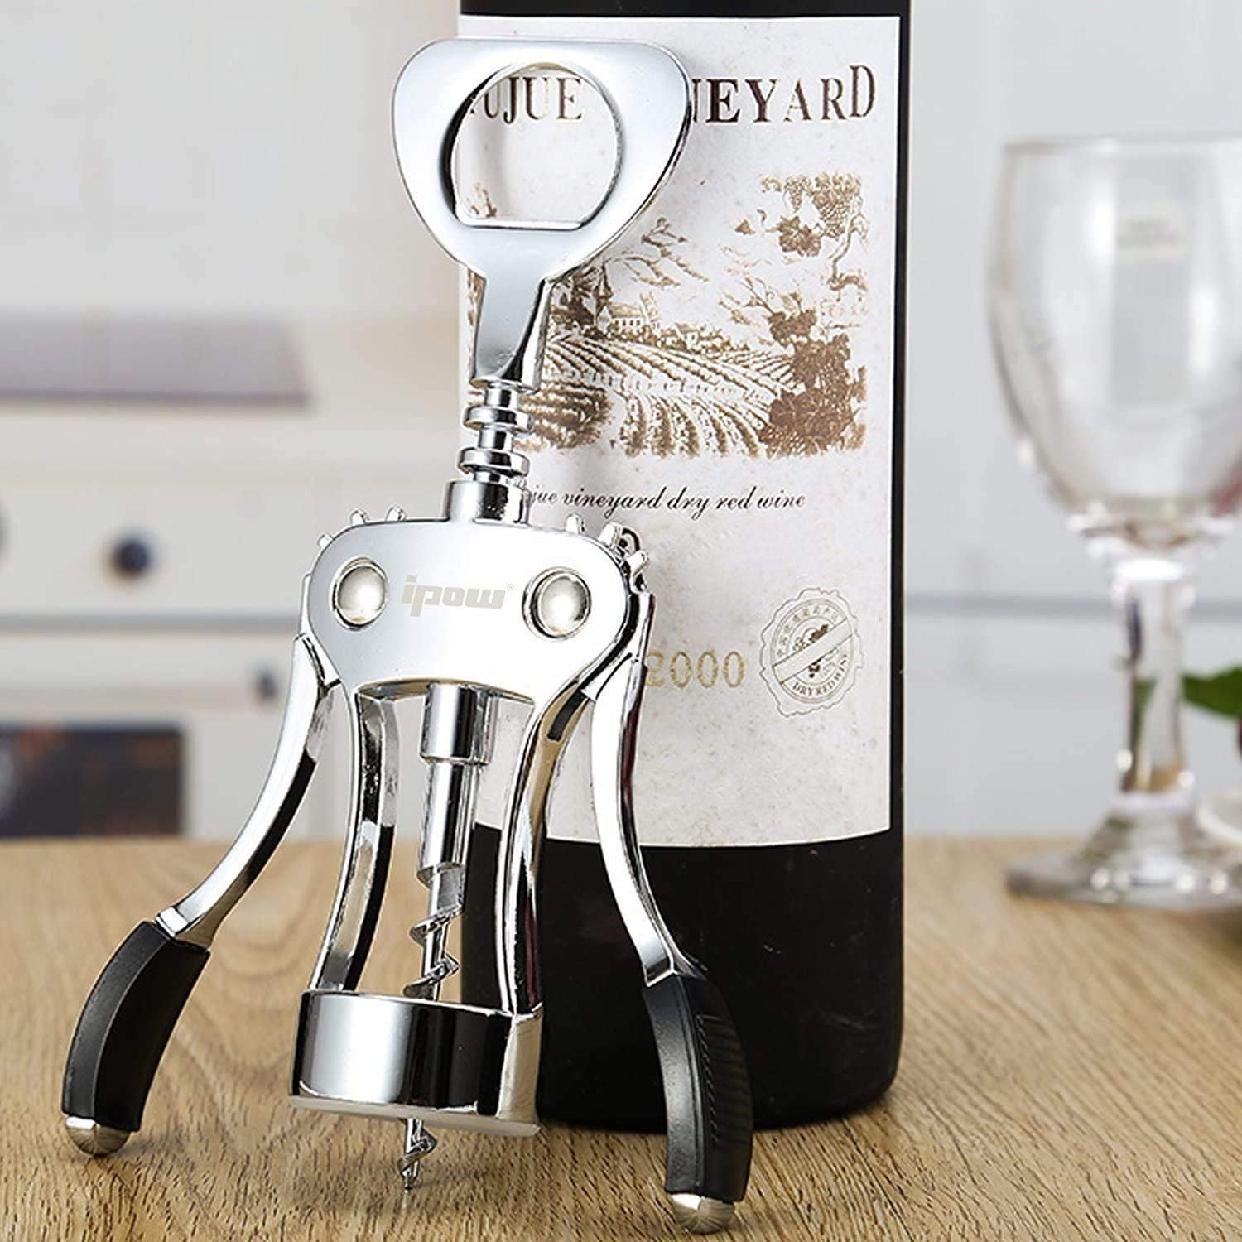 IPOW(アイパウ) ワインオープナーの商品画像7